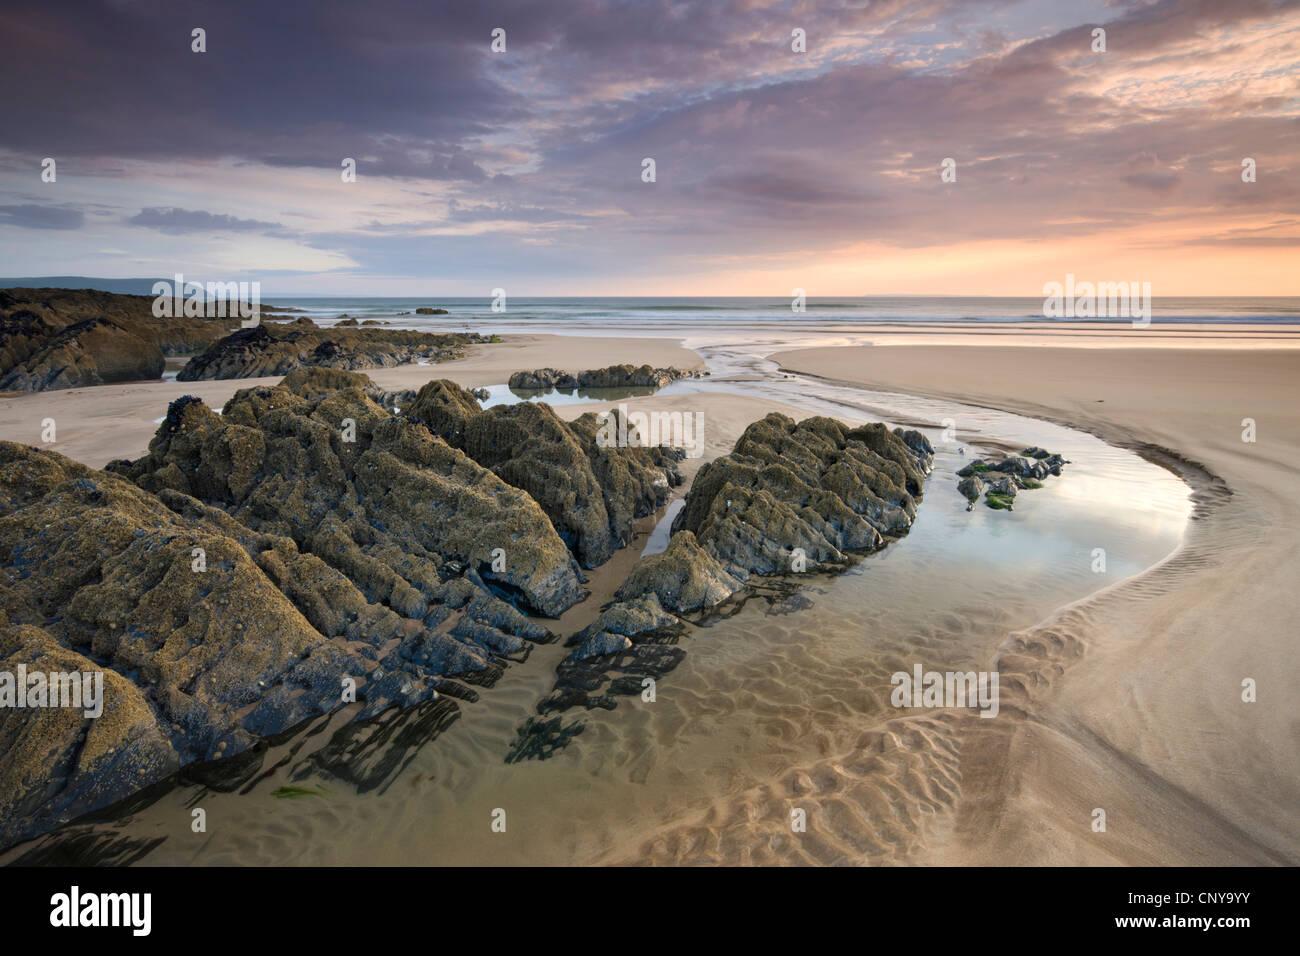 Tramonto sul roccioso e la spiaggia di sabbia a Combesgate, Woolacombe, Devon, Inghilterra. Per il periodo estivo Immagini Stock